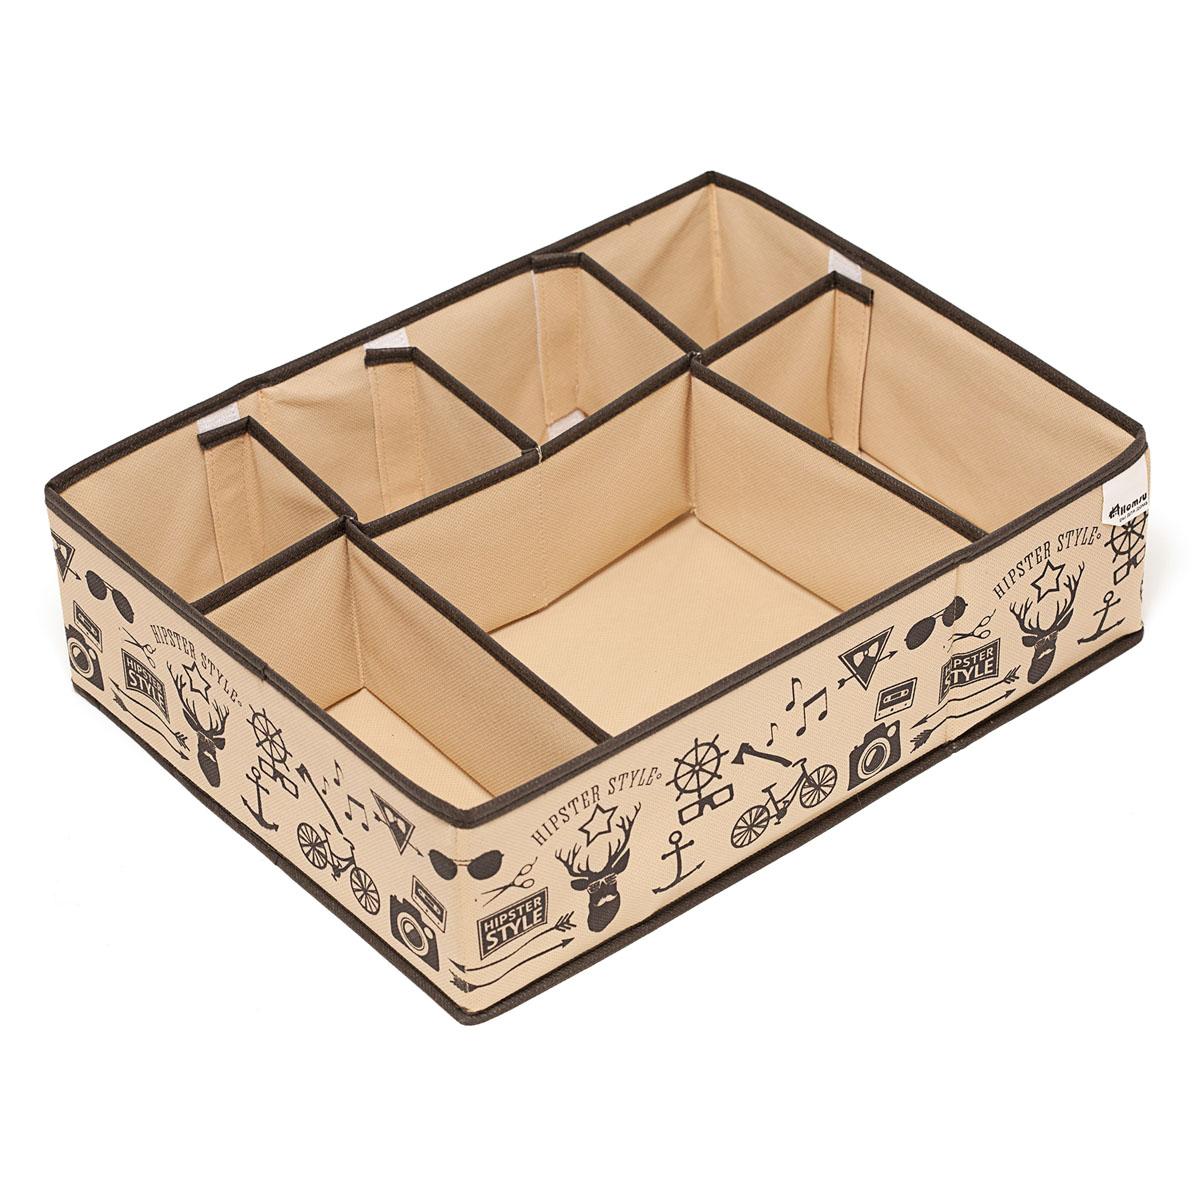 Органайзер для хранения вещей Homsu Hipster Style, 7 секций, 44 х 34 х 11 смHOM-121Компактный органайзер Homsu Hipster Style изготовлен из высококачественного полиэстера, который обеспечивает естественную вентиляцию. Материал позволяет воздуху свободно проникать внутрь, но не пропускает пыль. Органайзер отлично держит форму, благодаря вставкам из плотного картона. Изделие имеет 7 секций для хранения нижнего белья, колготок, носков и другой одежды.Такой органайзер позволит вам хранить вещи компактно и удобно, а оригинальный дизайн сделает вашу гардеробную красивой и невероятно стильной.